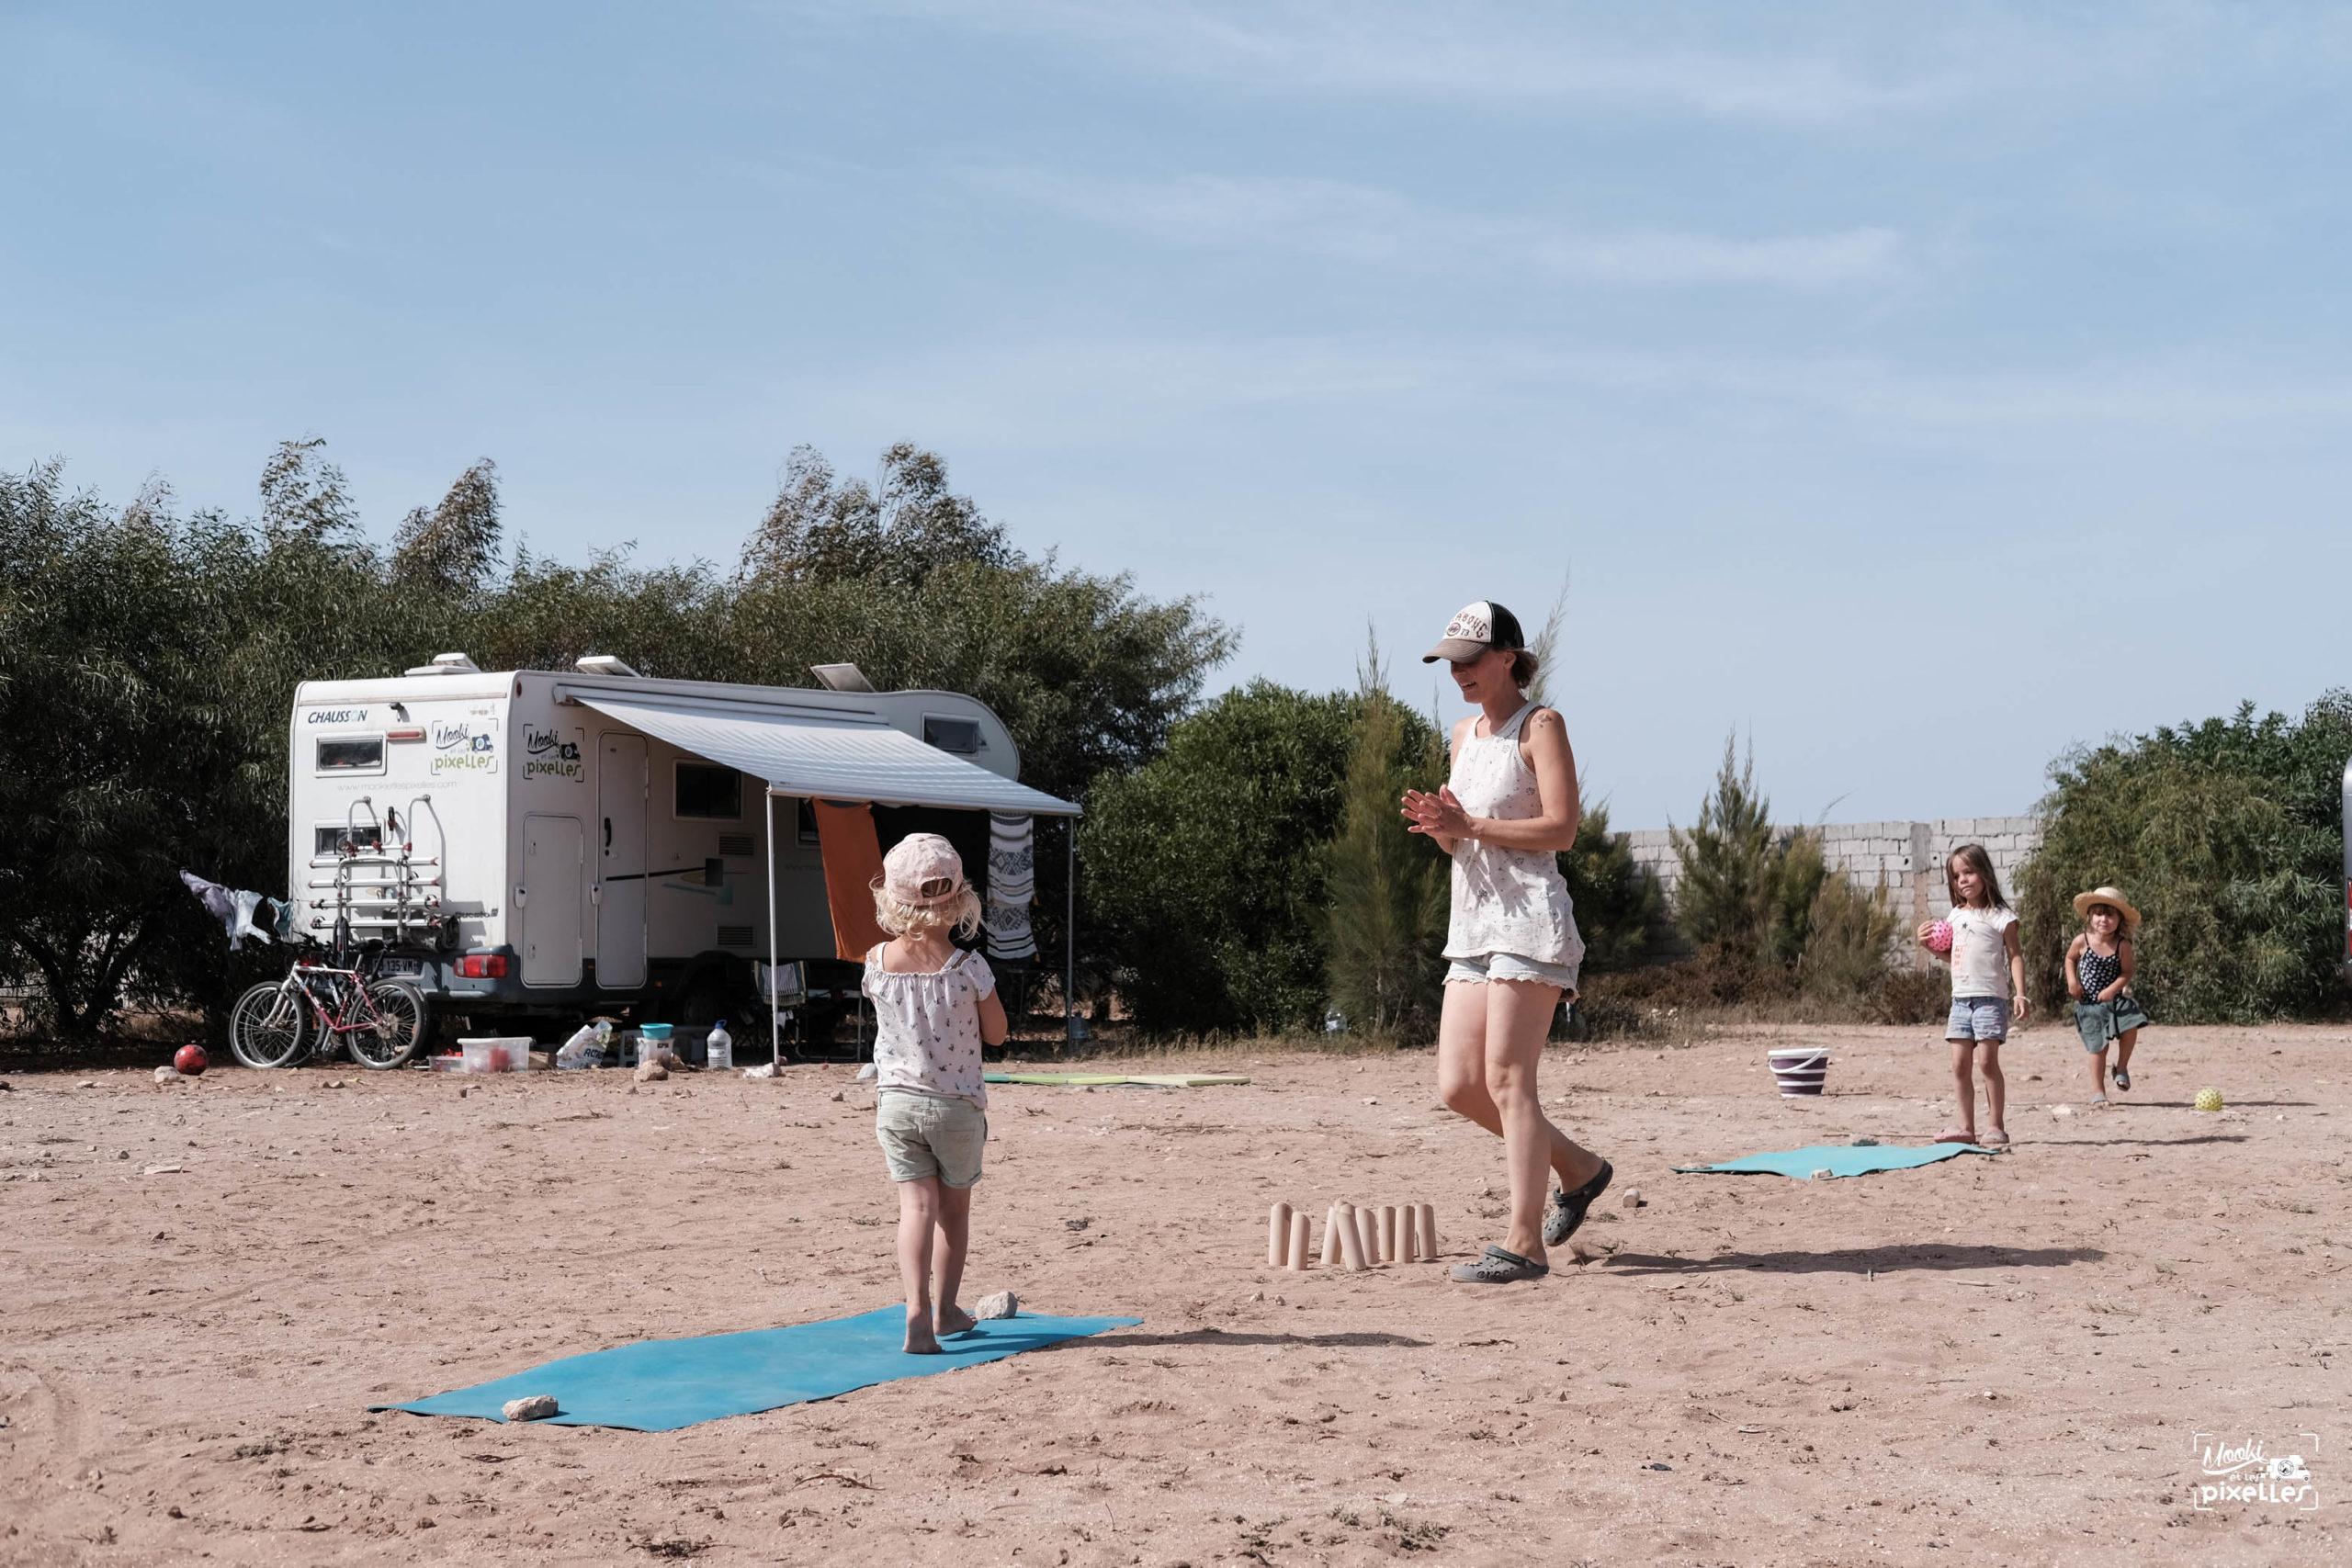 parcours sportif pour amuser les enfants